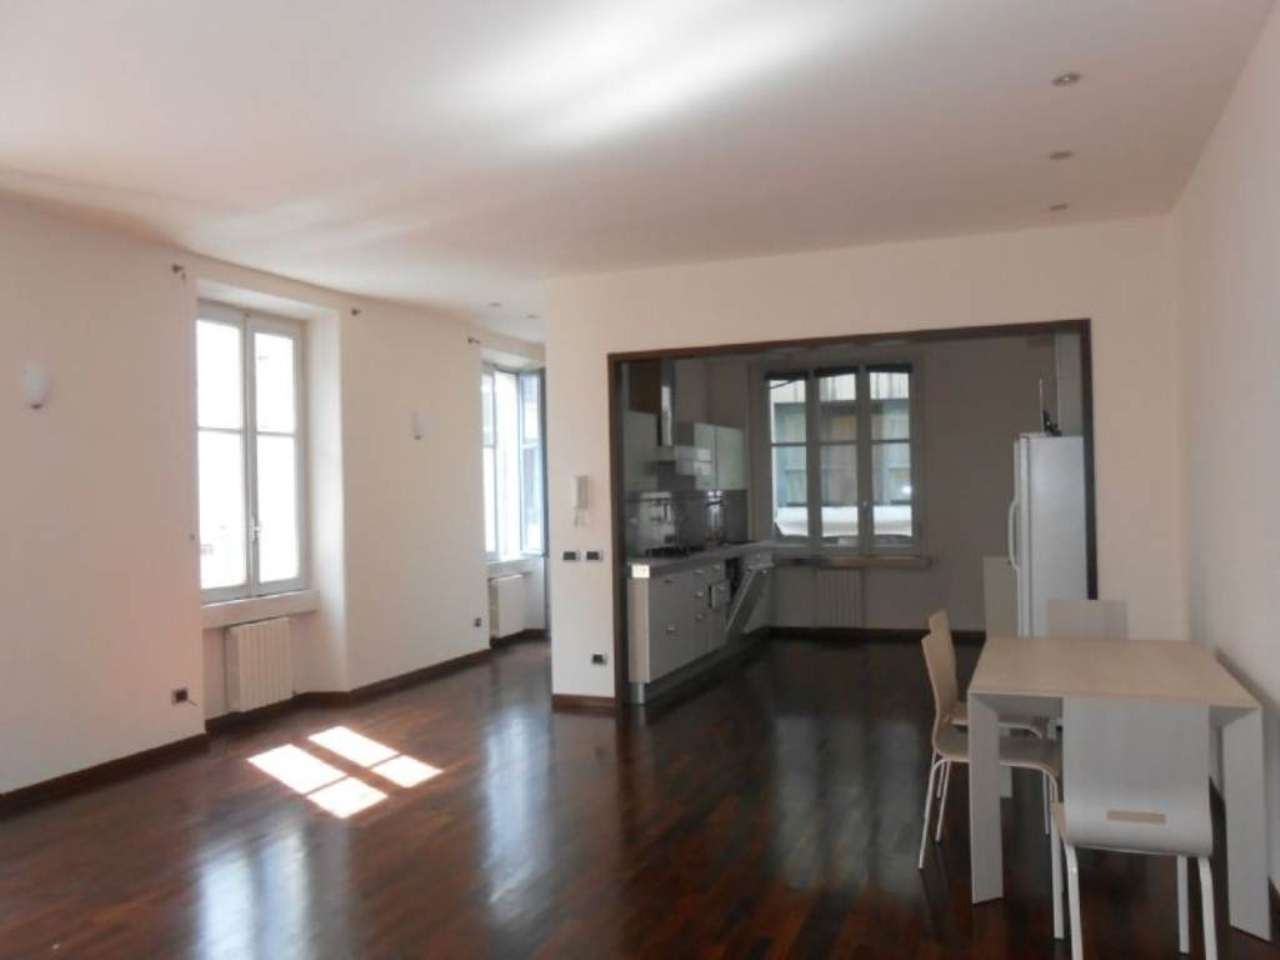 Appartamento in affitto a Milano, 3 locali, zona Zona: 1 . Centro Storico, Duomo, Brera, Cadorna, Cattolica, prezzo € 2.100 | Cambio Casa.it